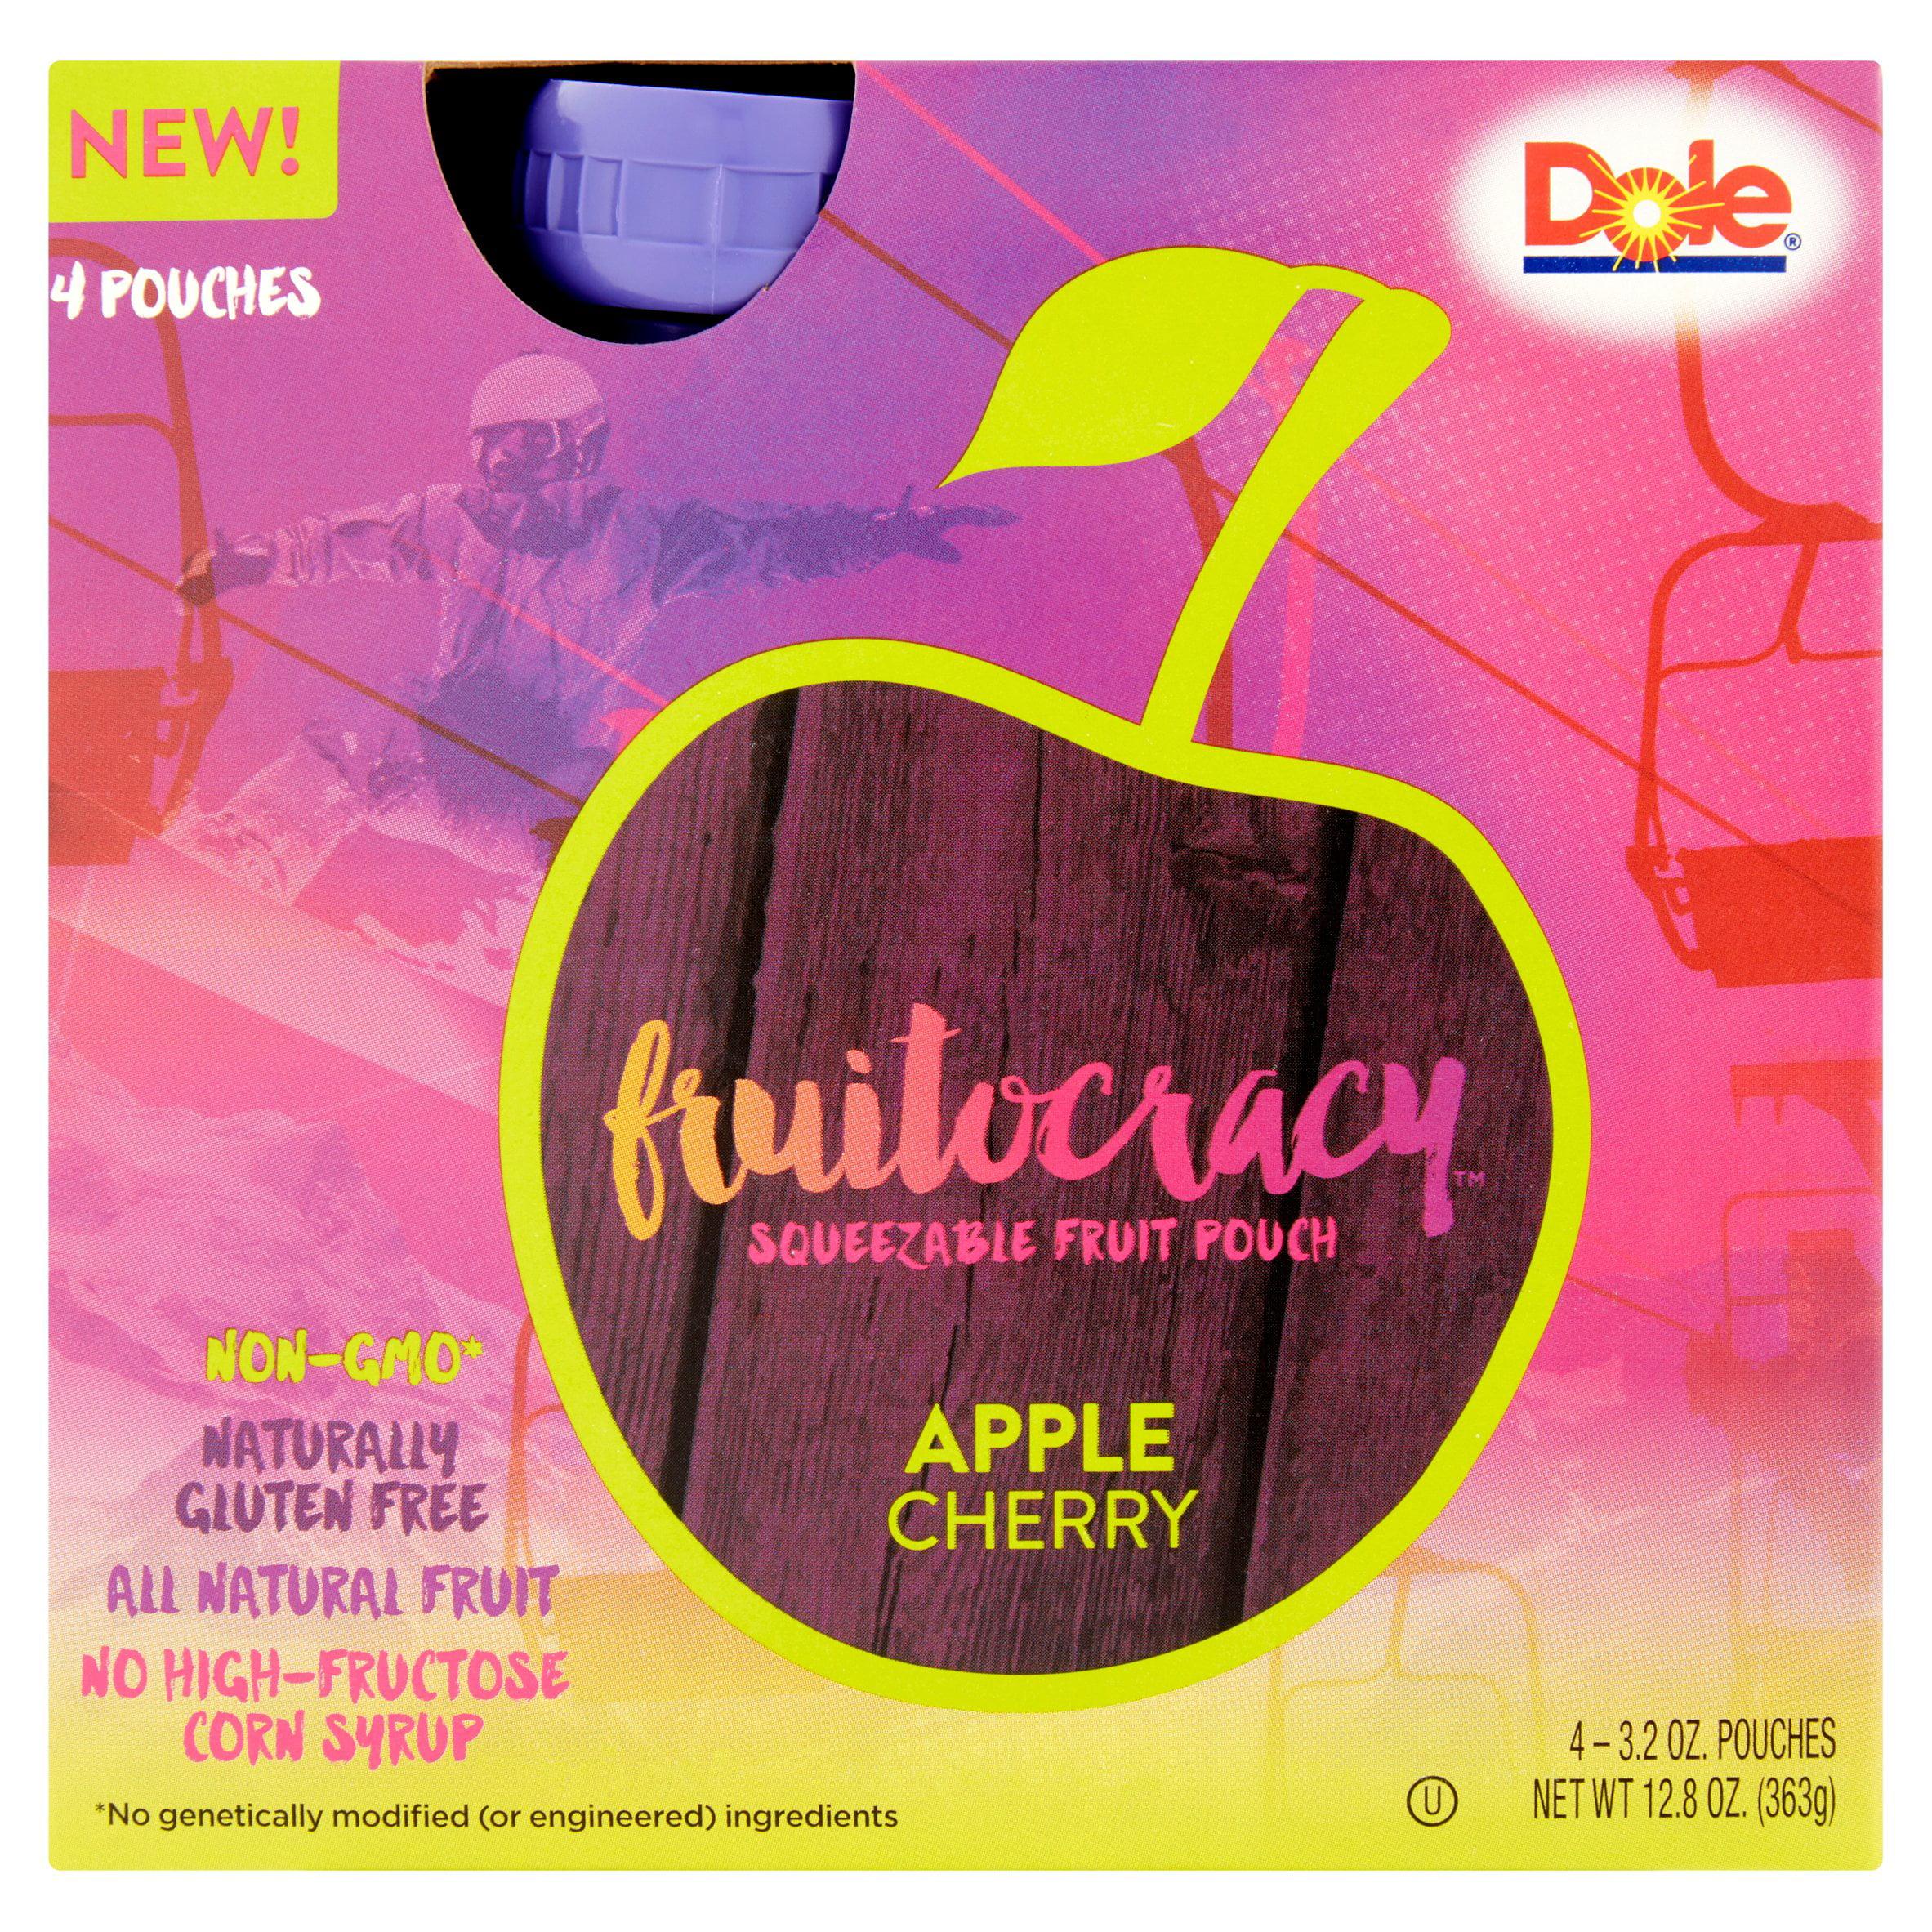 Dole Fruitocracy Apple Cherry Squeezable Fruit Pouch 4 x 3.2 oz (12.8 oz)